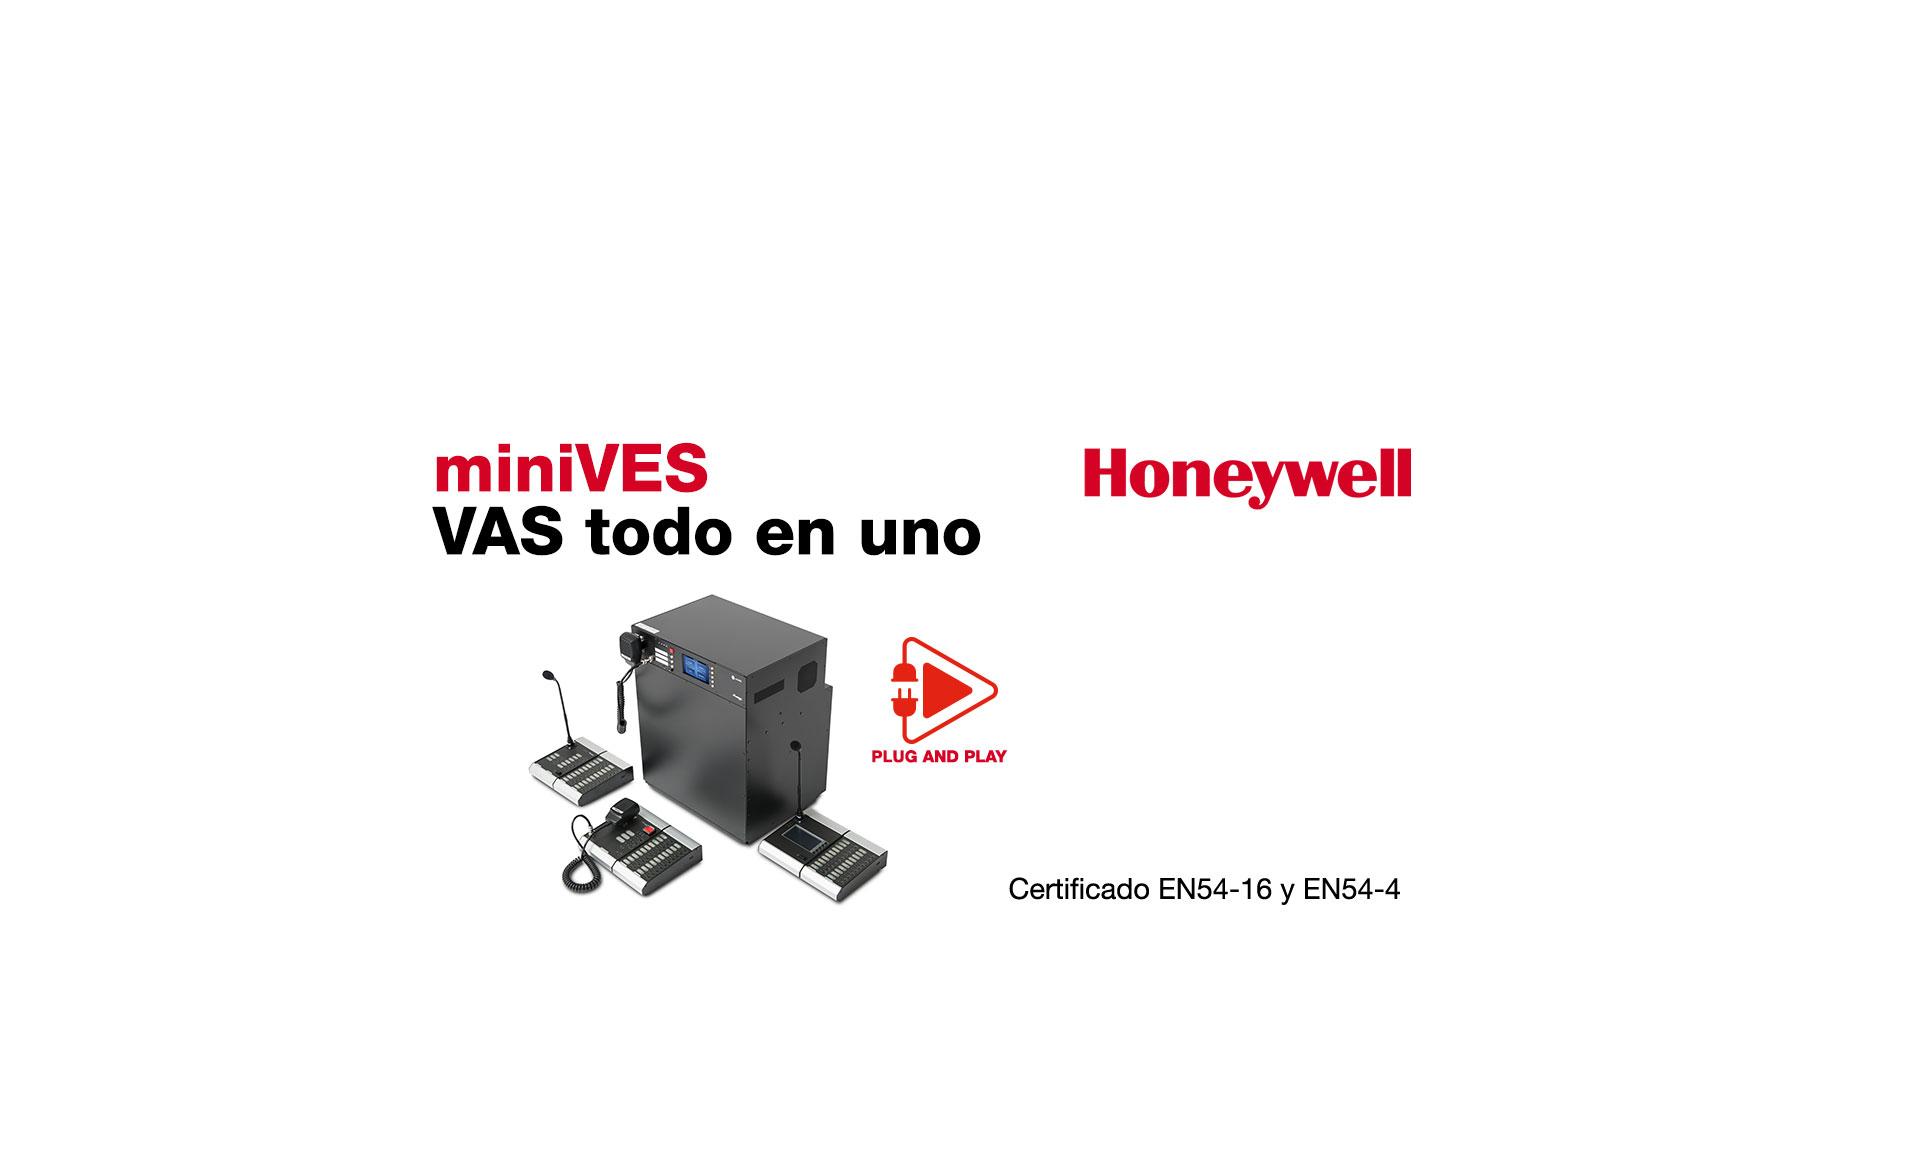 Nuevo sistema compacto de megafonía y alarma por voz miniVES by Honeywell